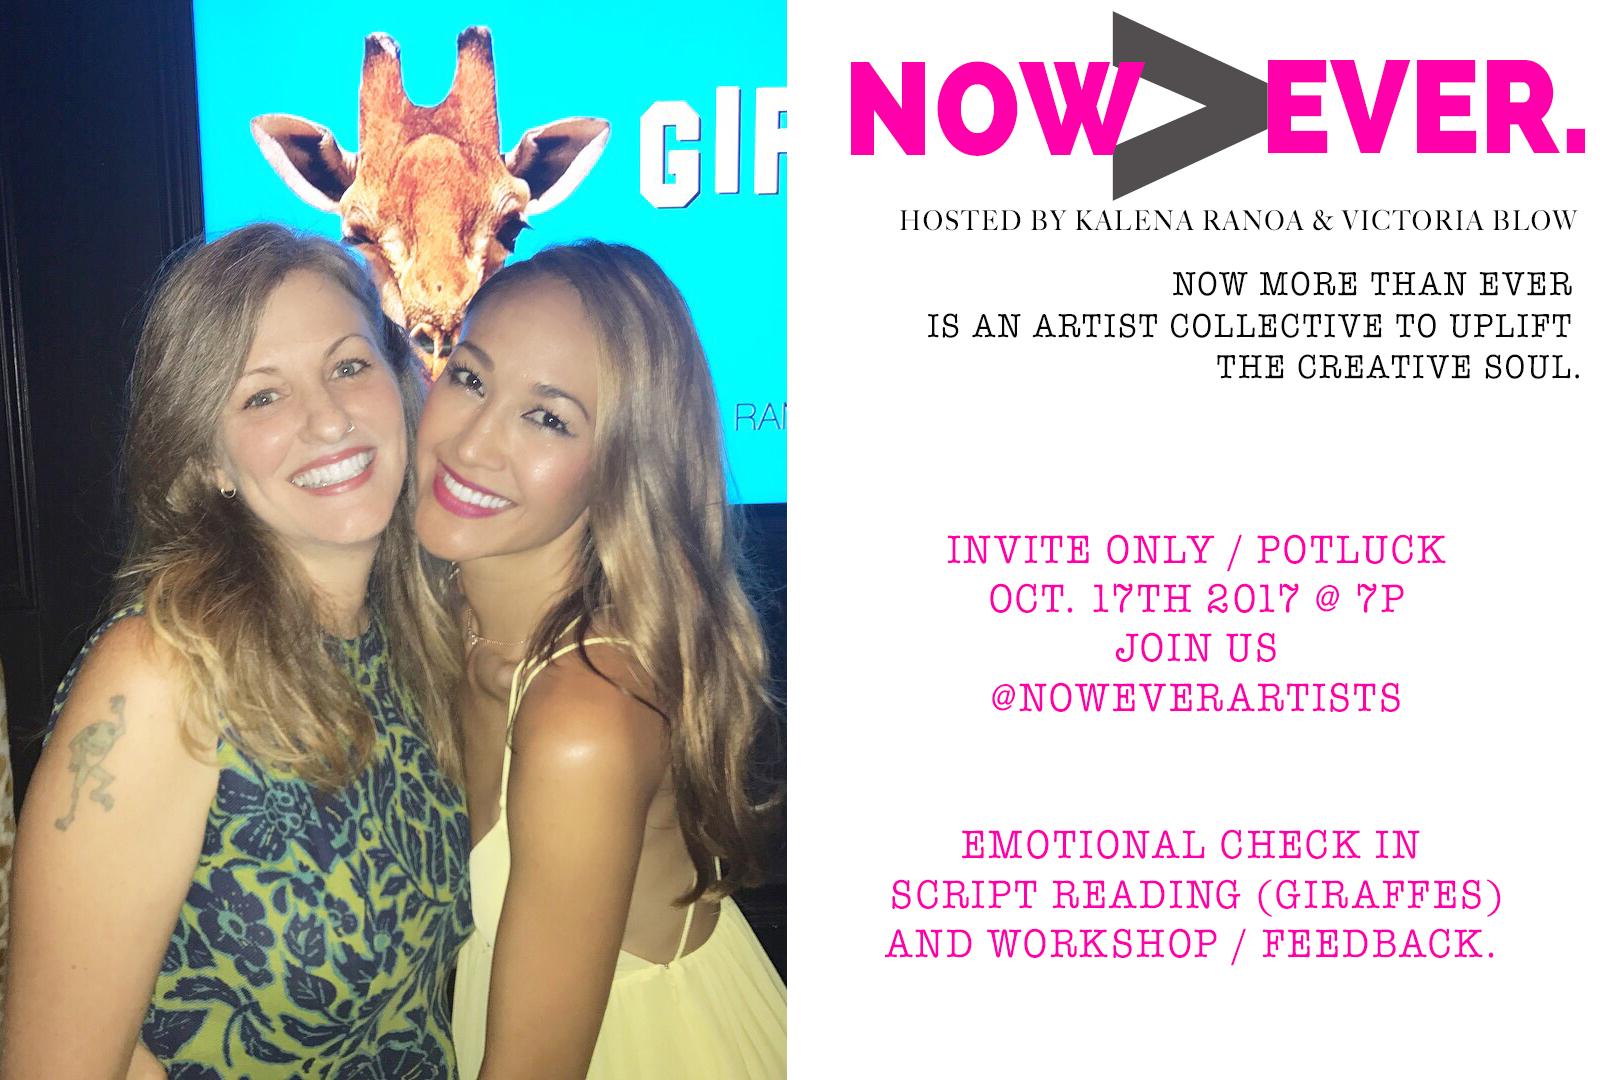 NOW)EVER_invite_giraffes_instagram.jpg